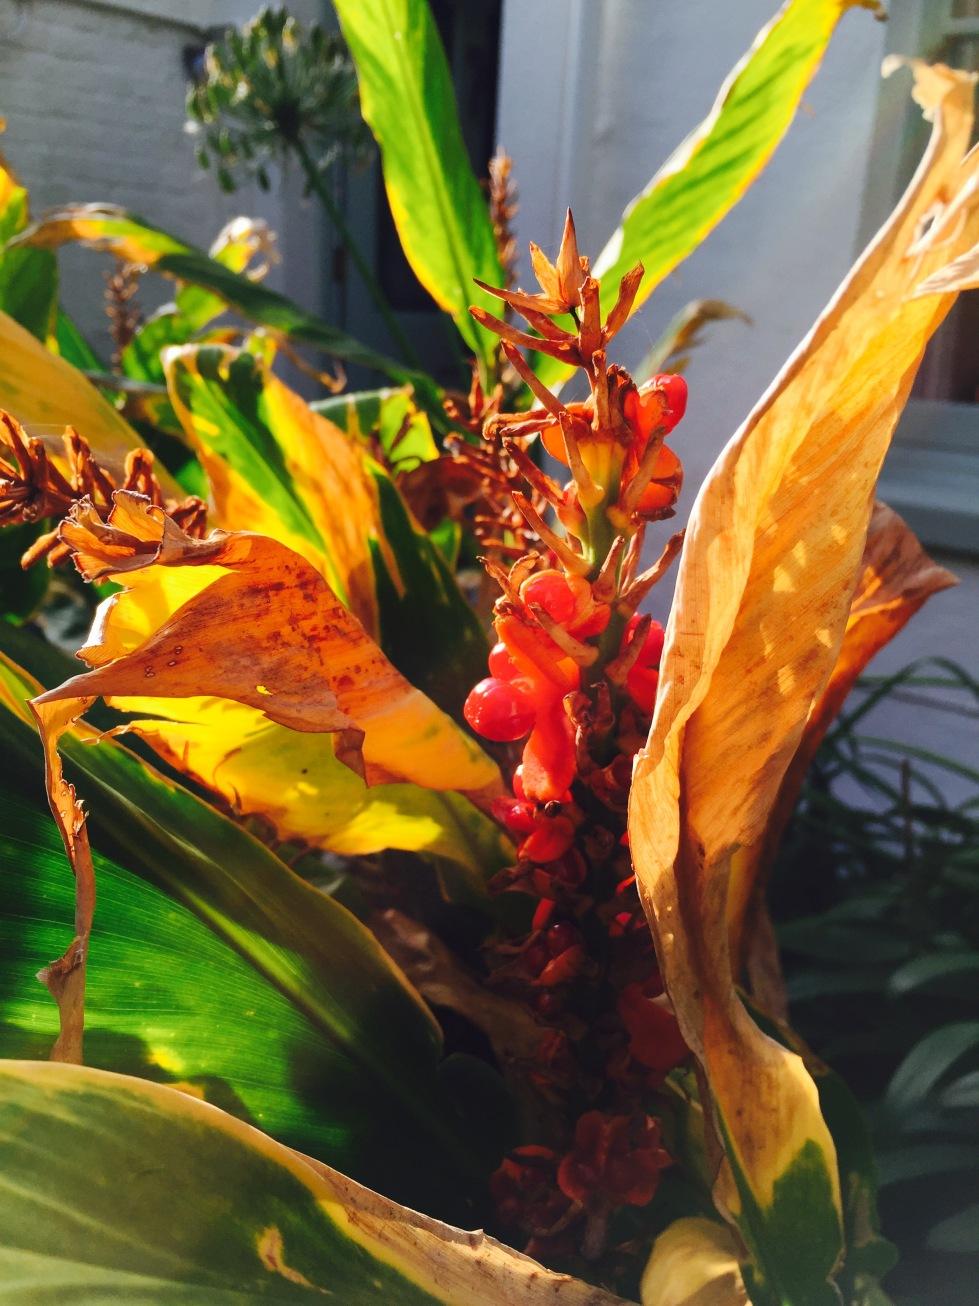 Hedychium 'Stephen' autumn colours, October 2015